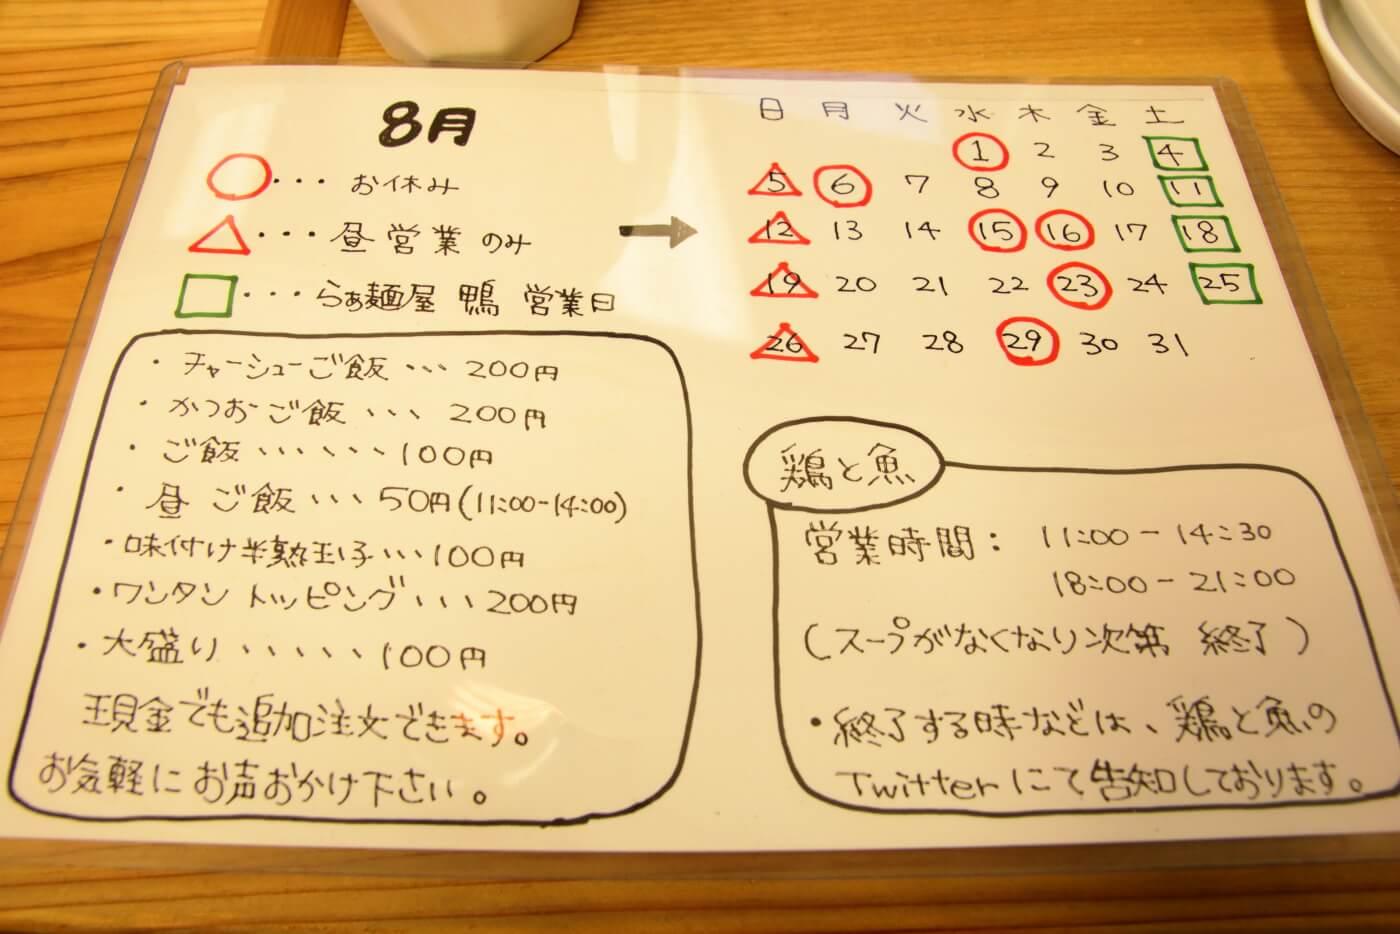 高知市のラーメン 鶏と魚 メニューと営業日情報